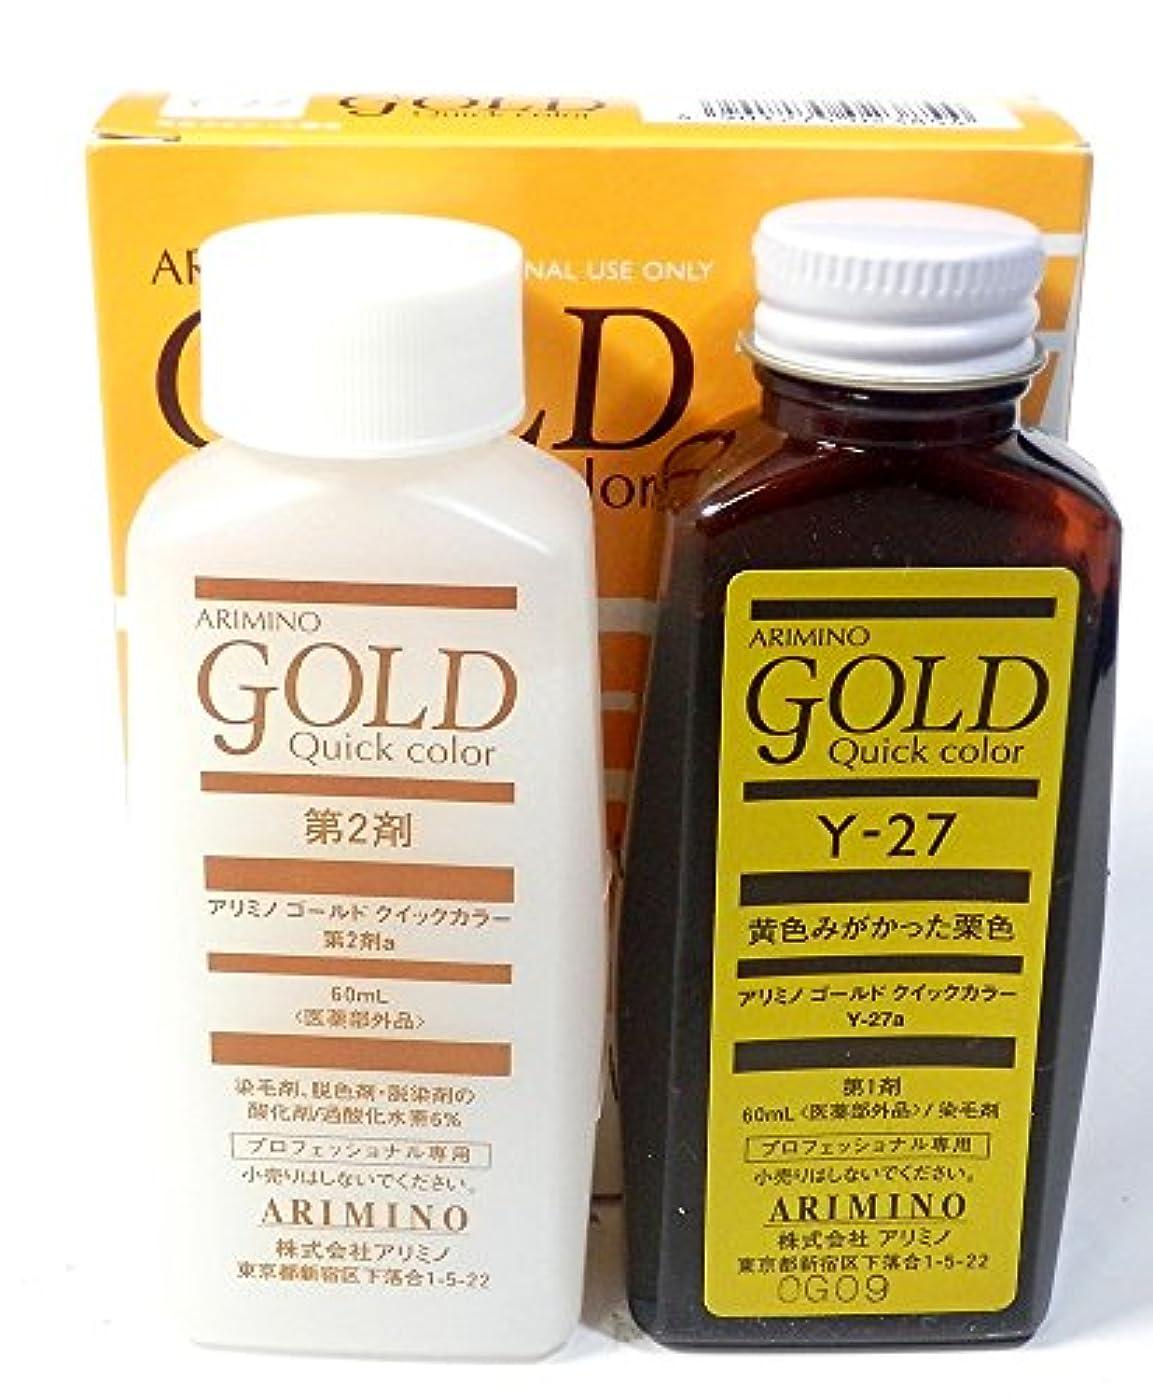 でる憎しみでアリミノ ARIMINO ゴールド クイックカラー Y-27 白髪染め 新品 黄色みがかった栗色